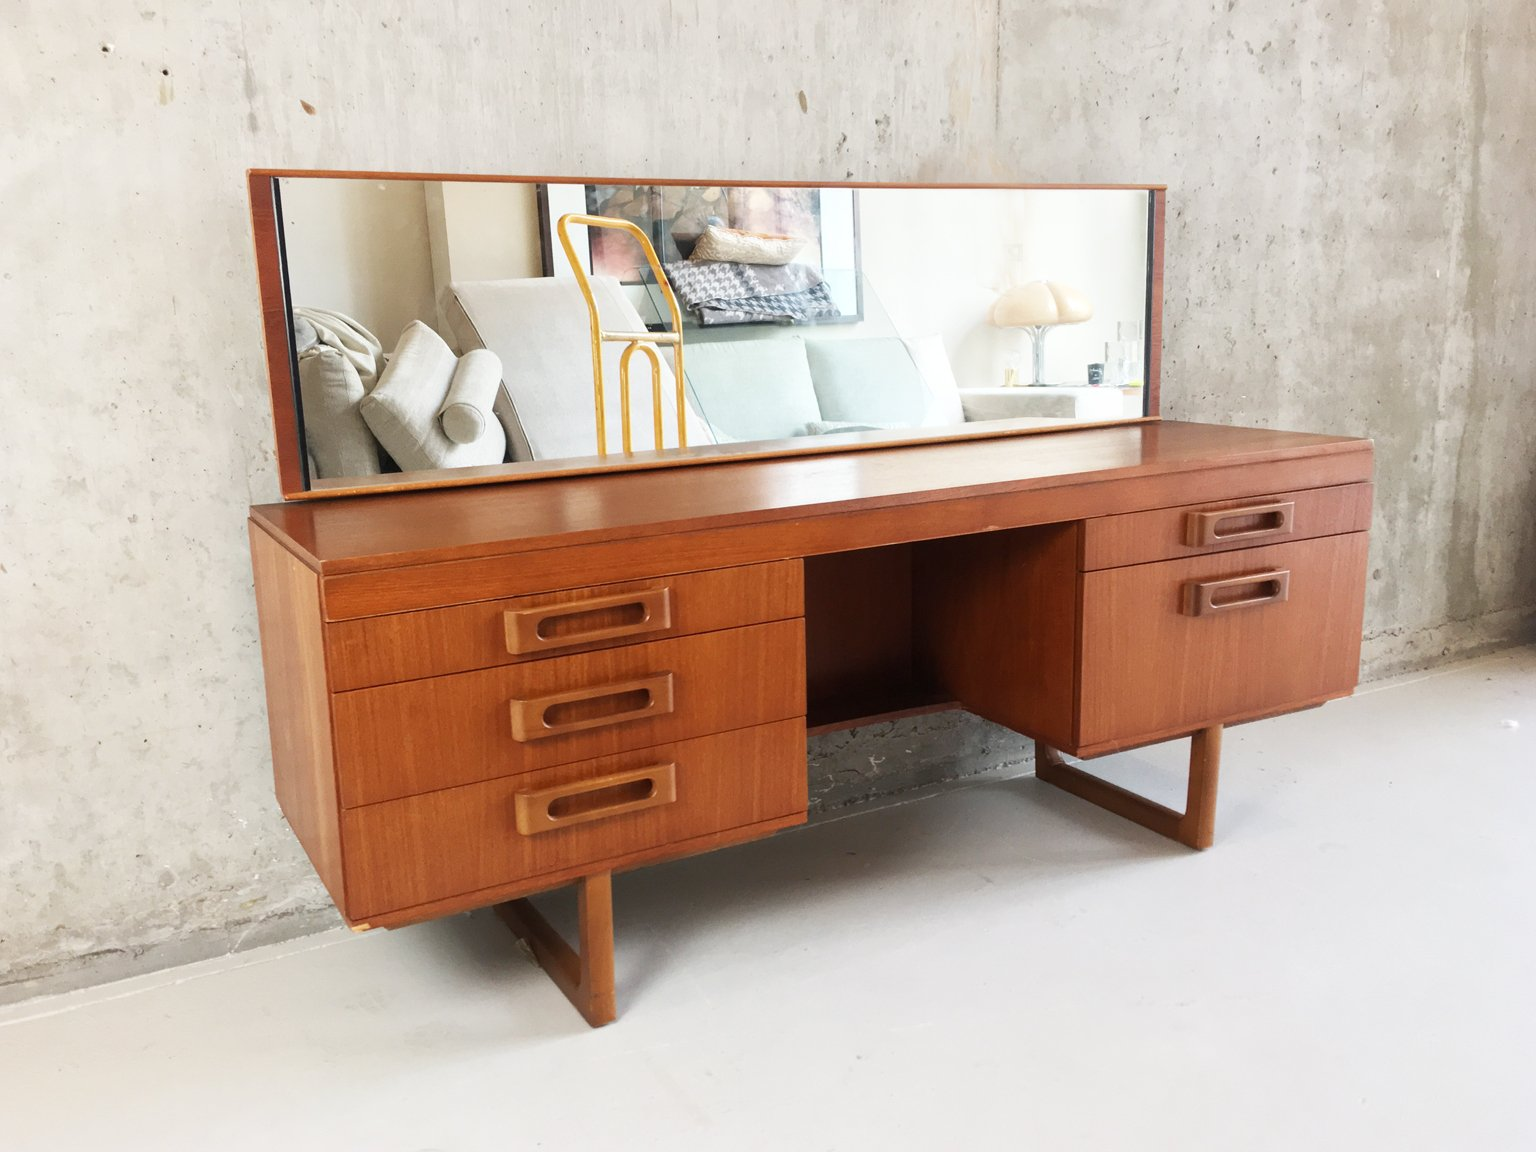 frisiertisch mit langem spiegel 1970er bei pamono kaufen. Black Bedroom Furniture Sets. Home Design Ideas